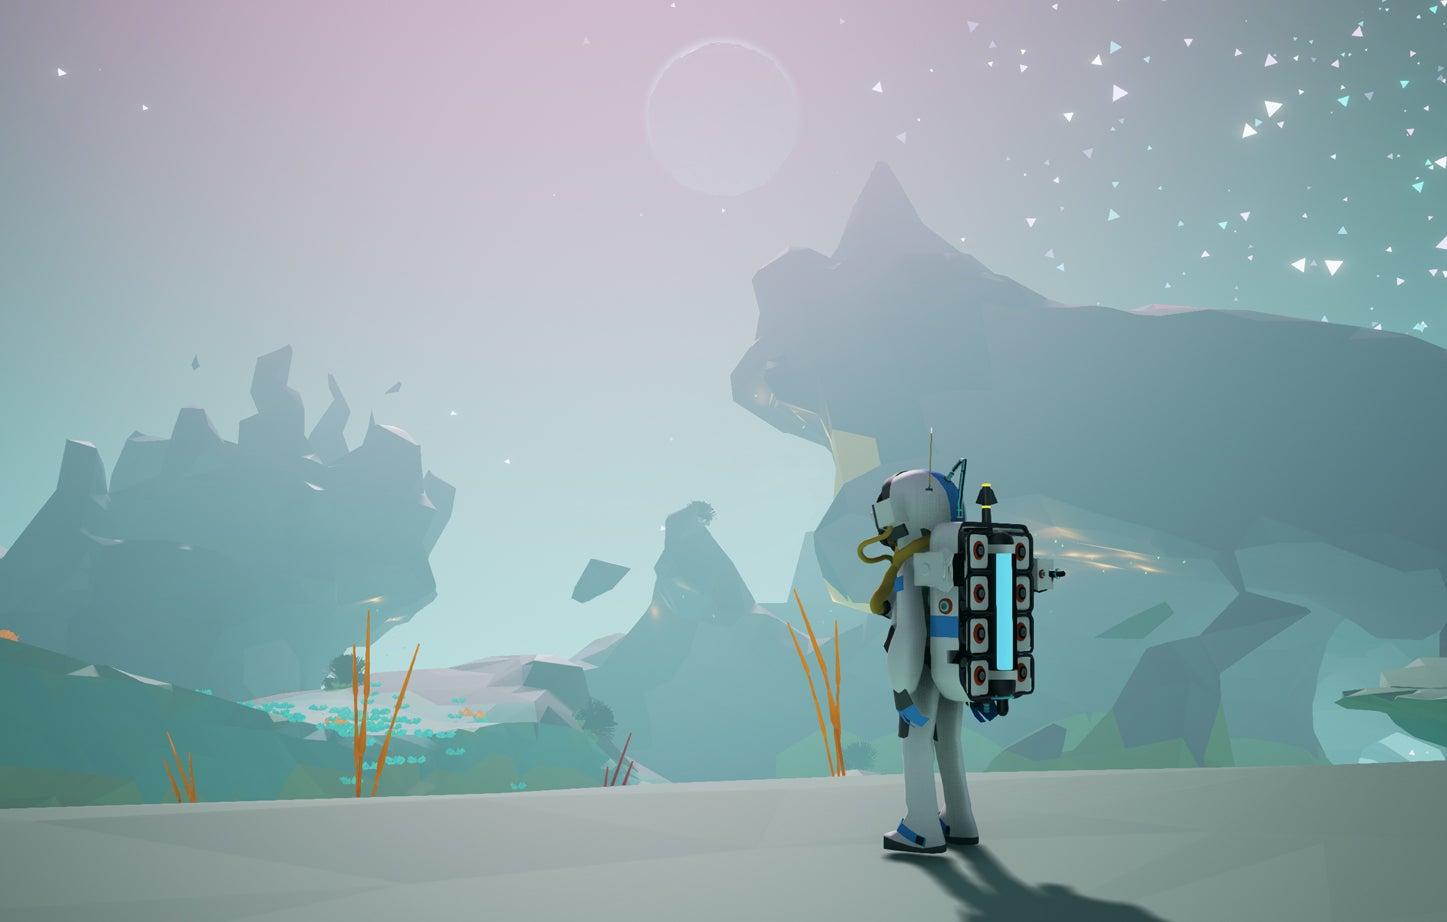 Astroneer screenshot